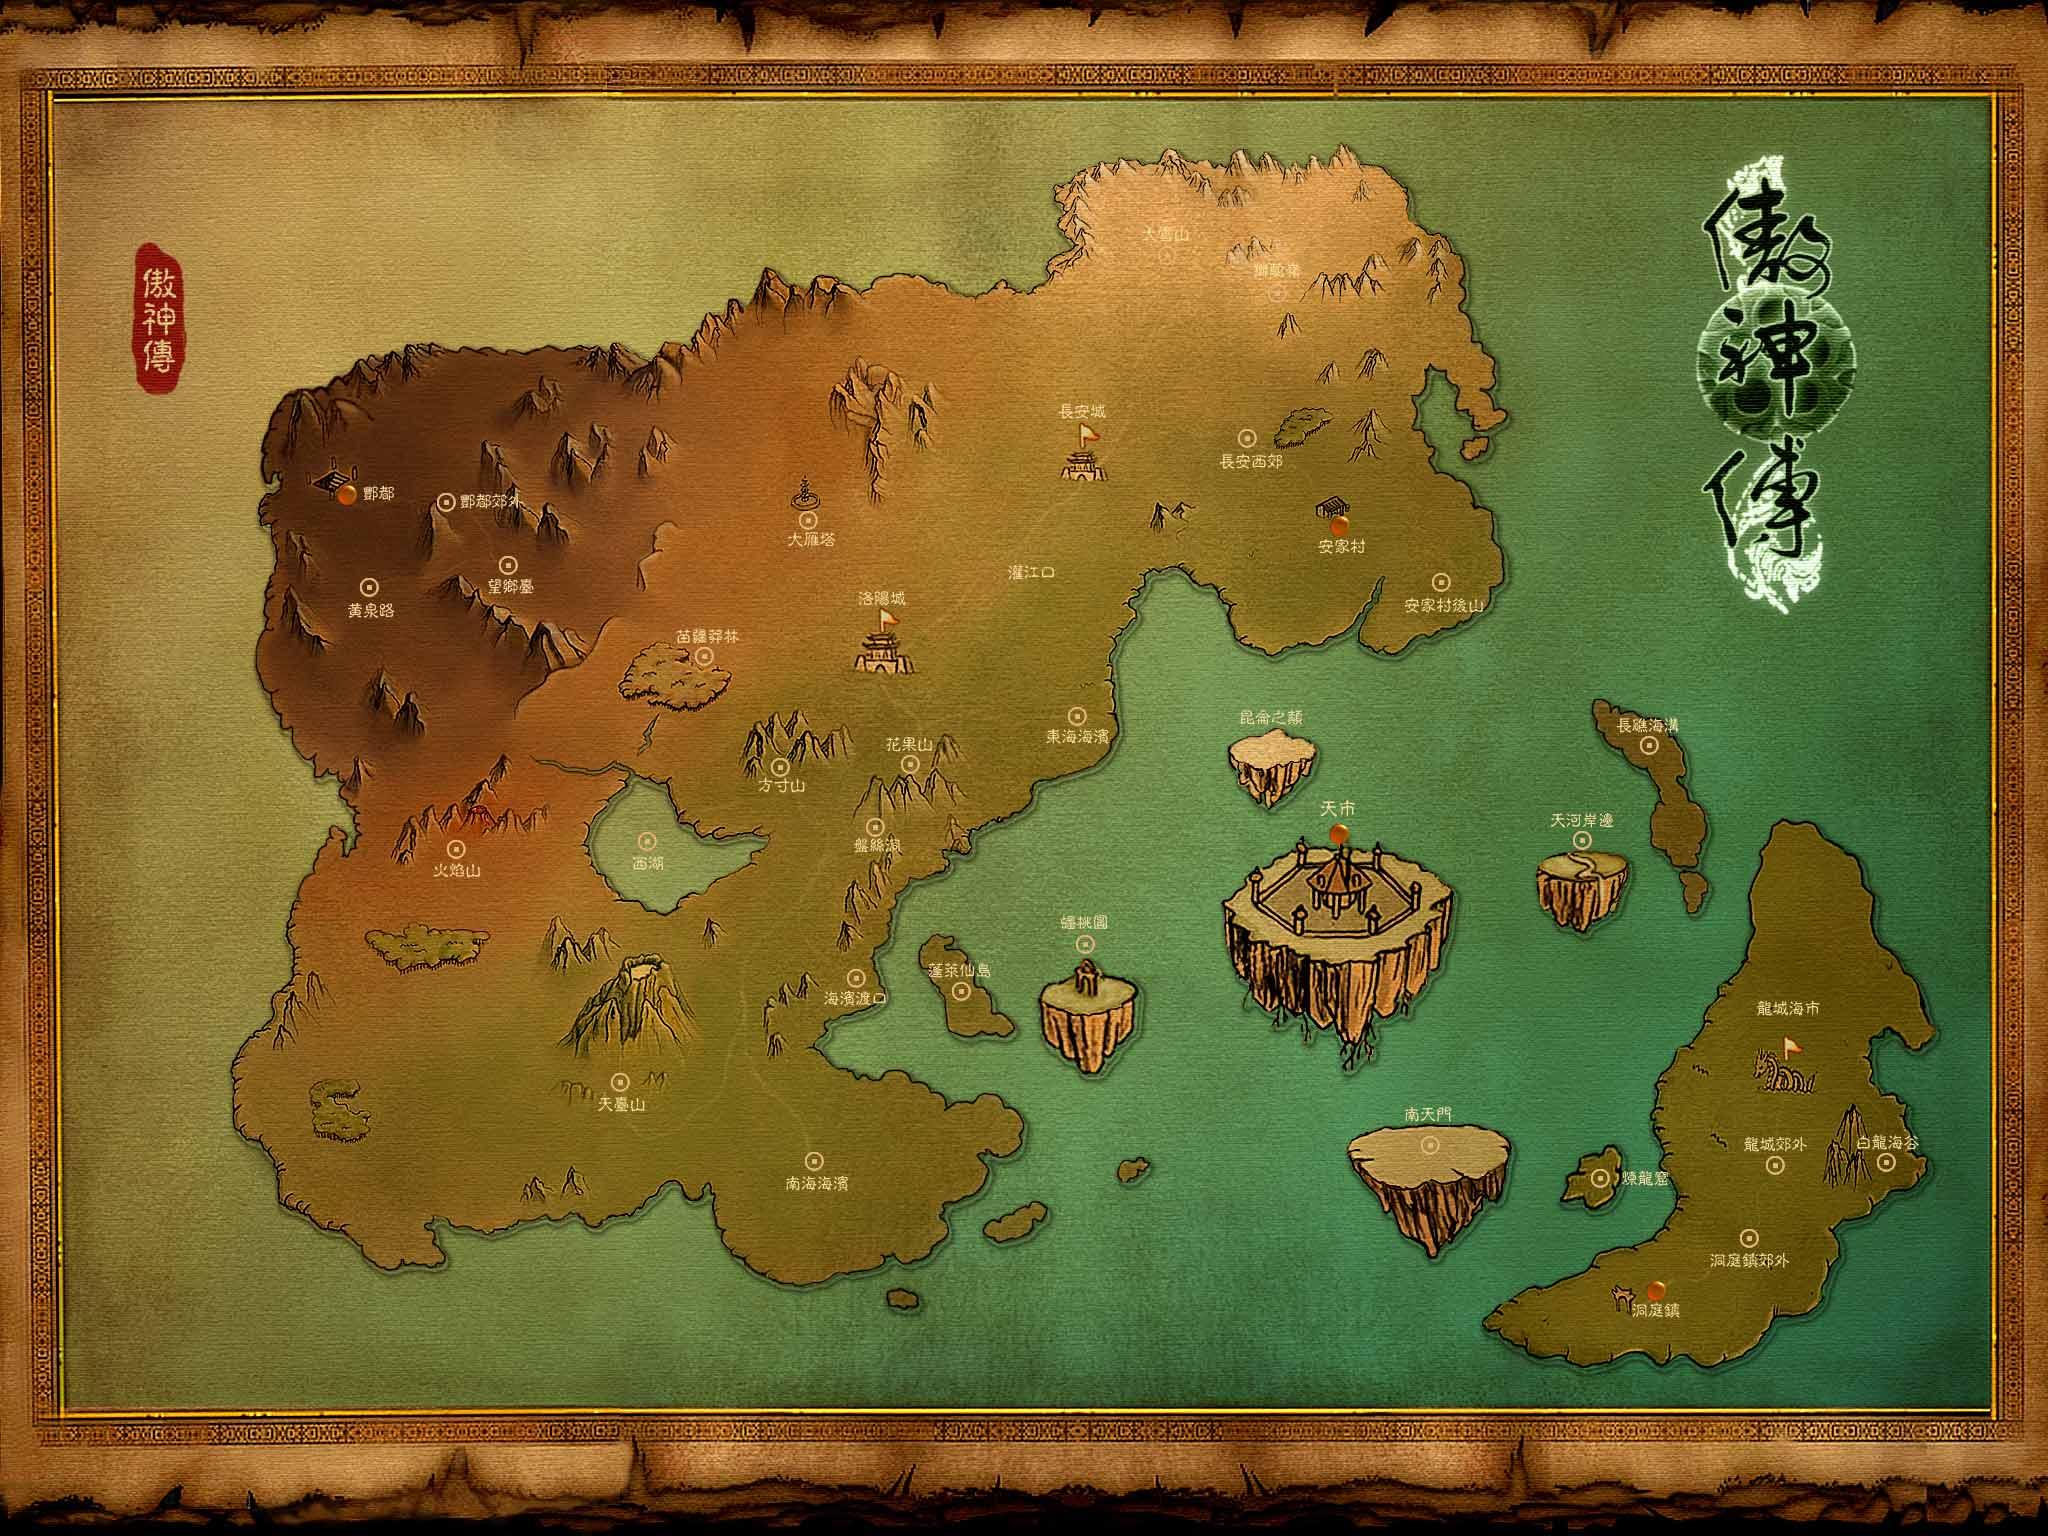 傲神传游戏世界地图